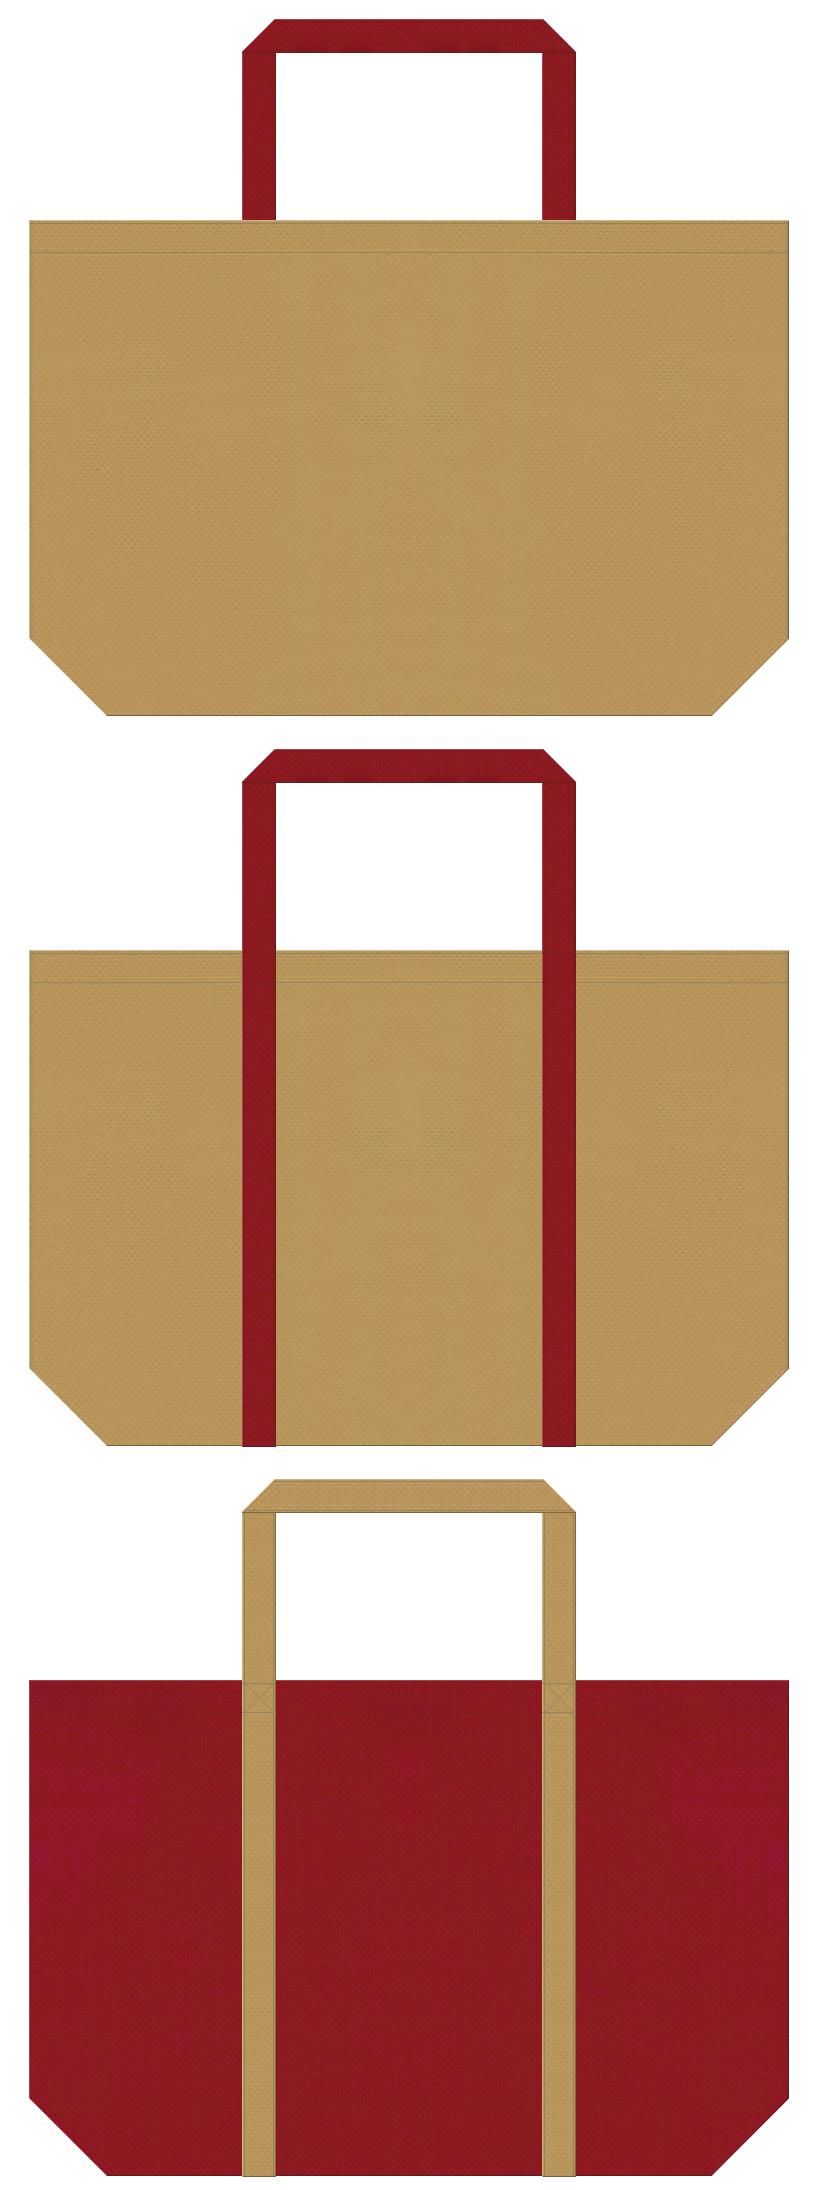 伝統芸能・邦楽・和風催事・襖・障子・画材・額縁・かつおだし・醤油・せんべい・和菓子のショッピングバッグにお奨めの不織布バッグデザイン:金黄土色とエンジ色のコーデ